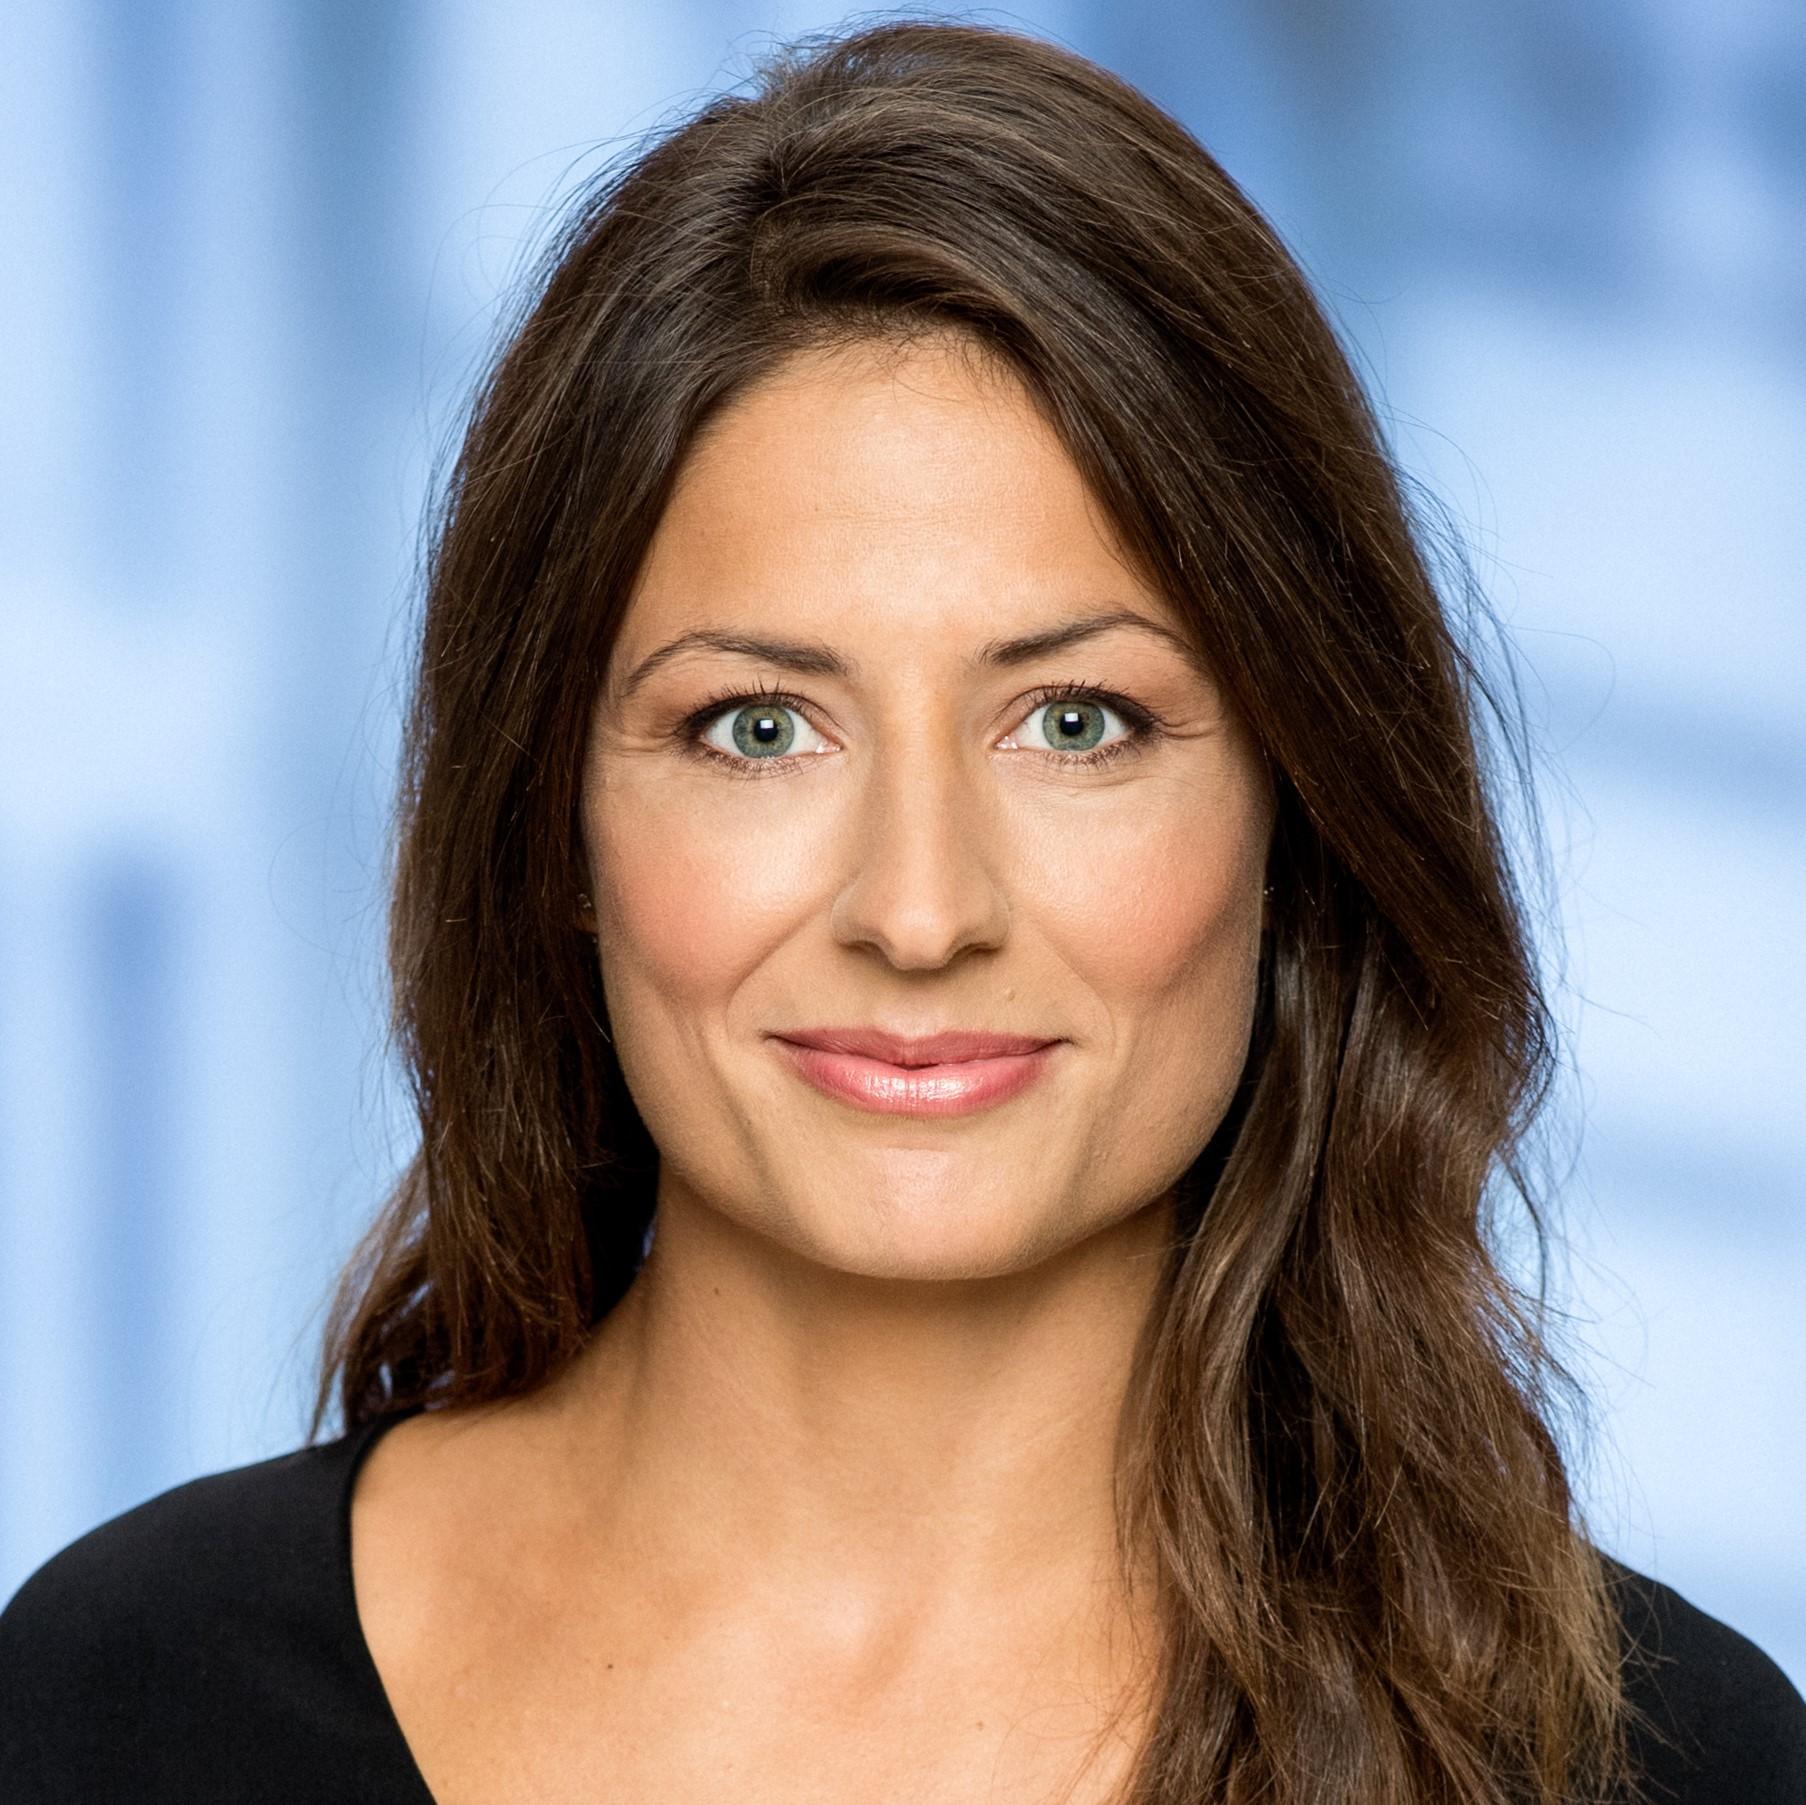 Linea Søgaard Lidell